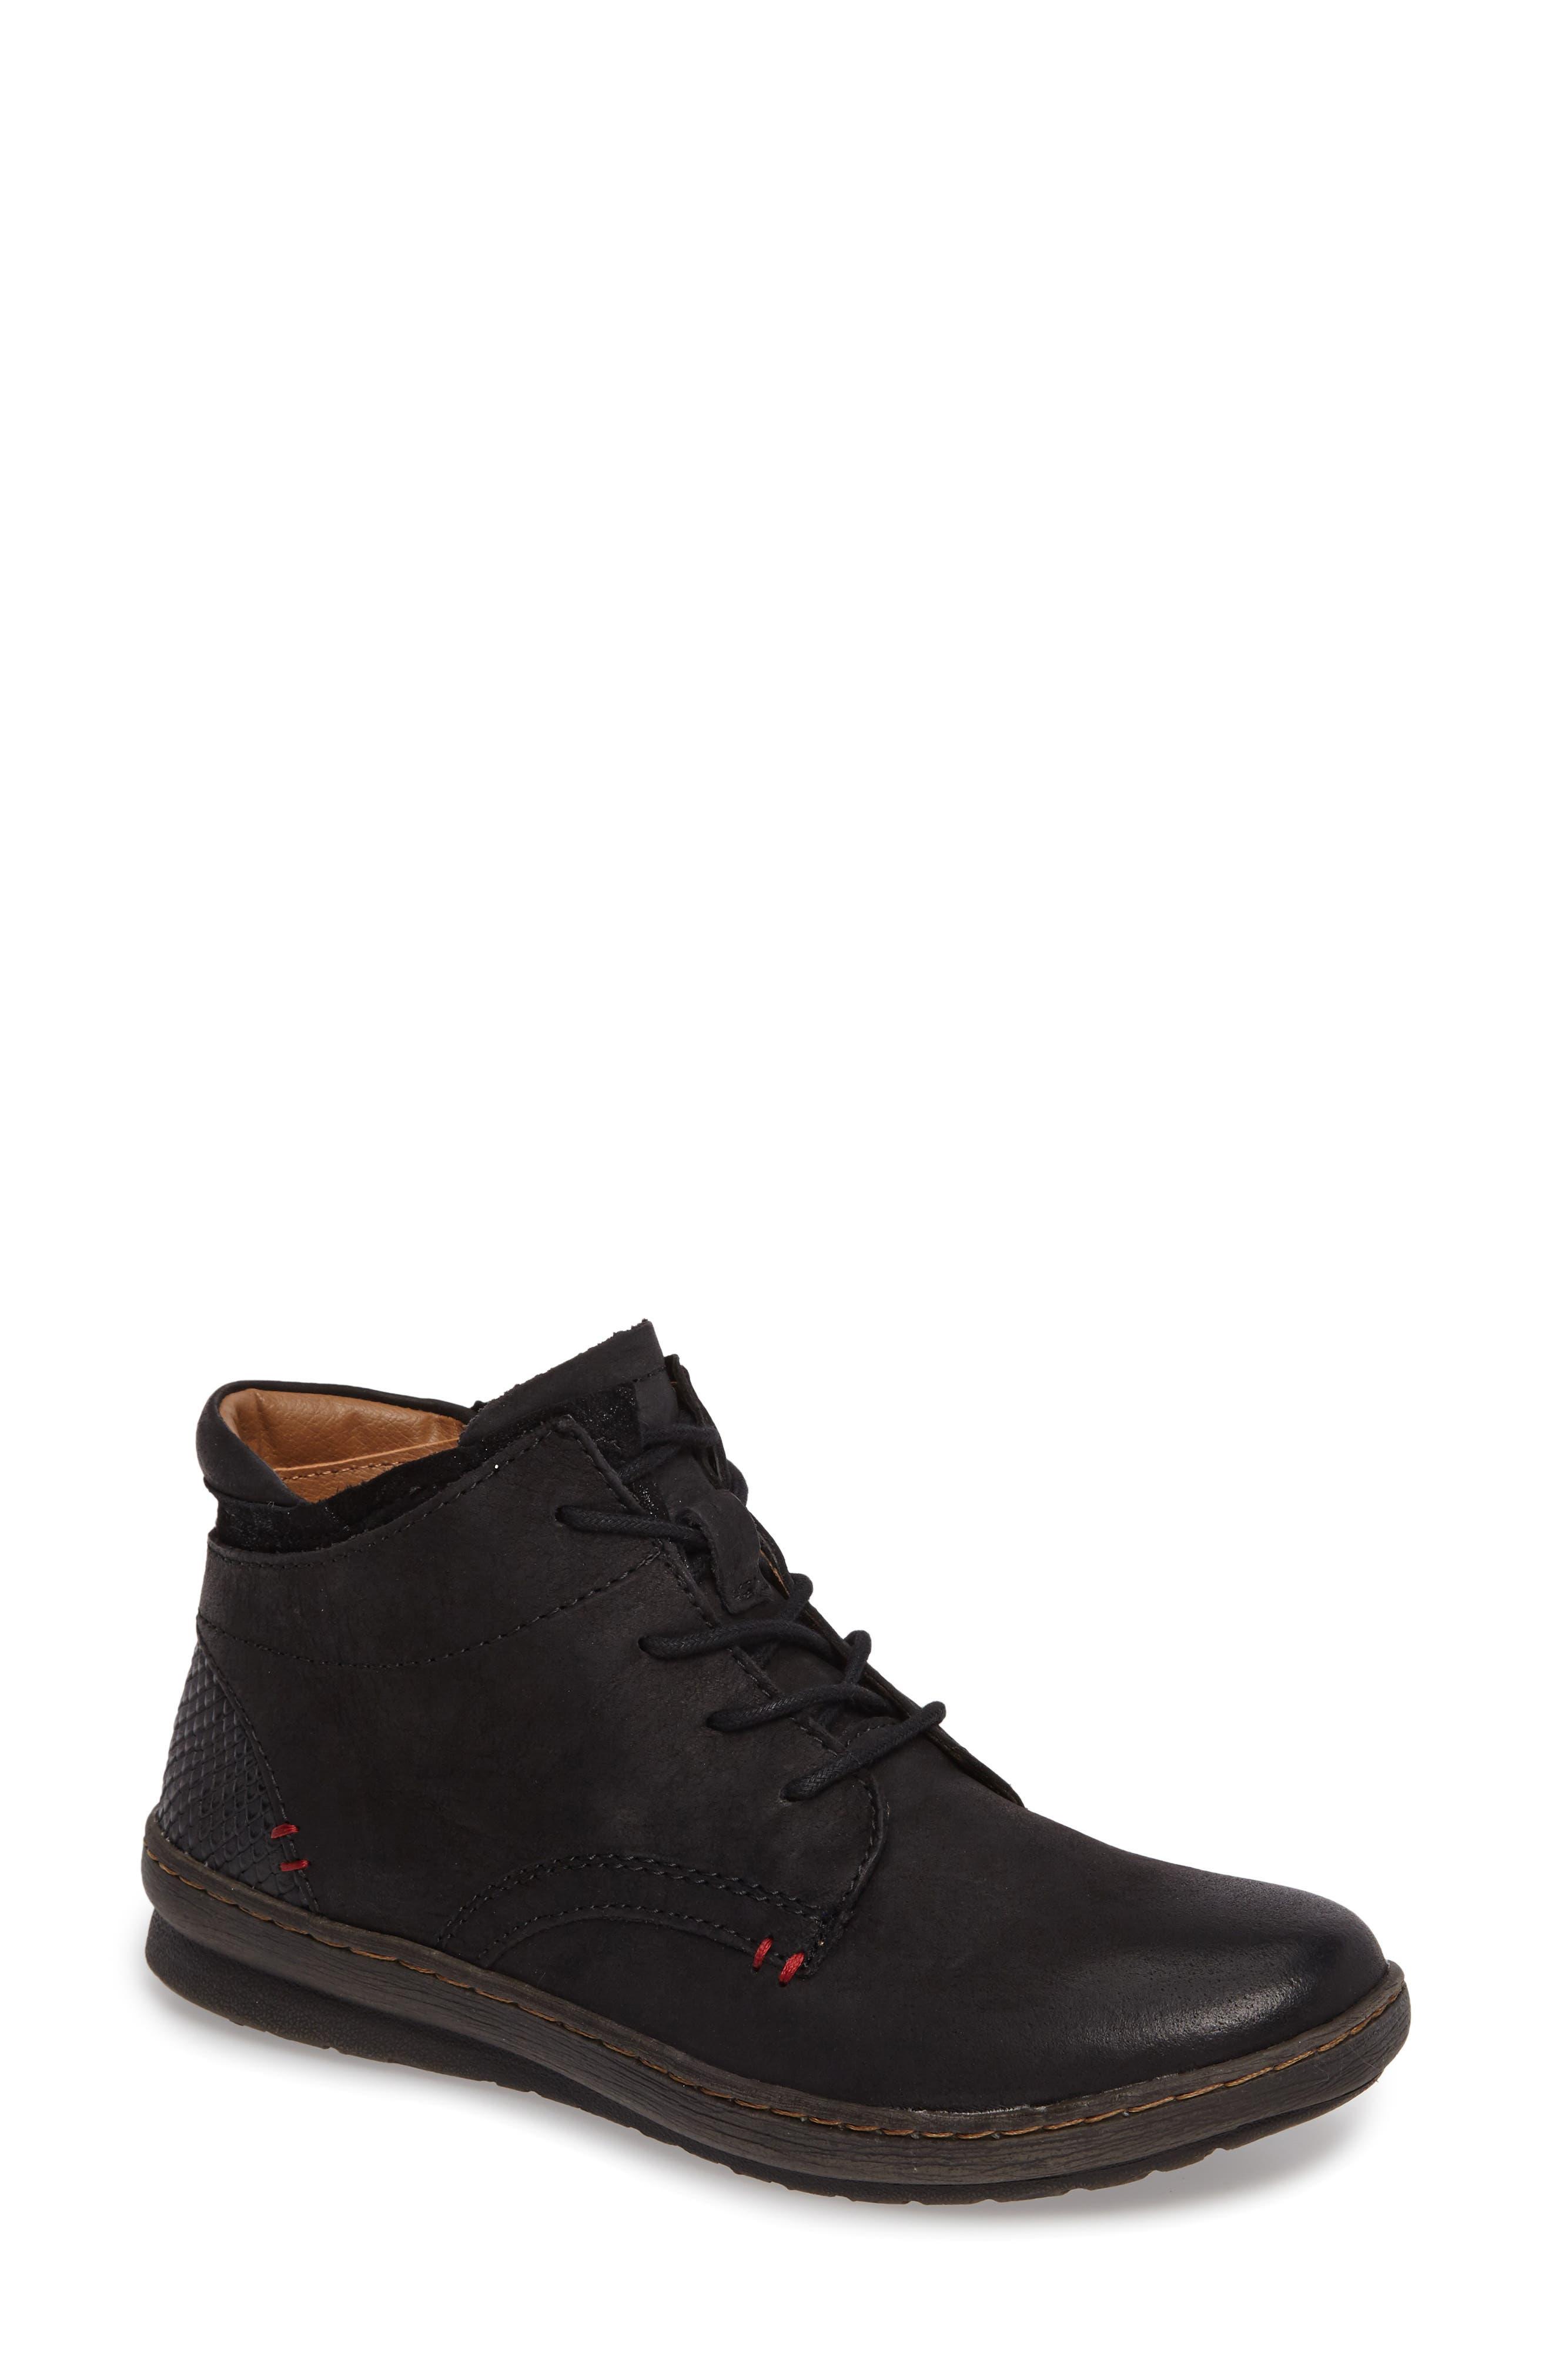 Cascade Boot,                         Main,                         color,